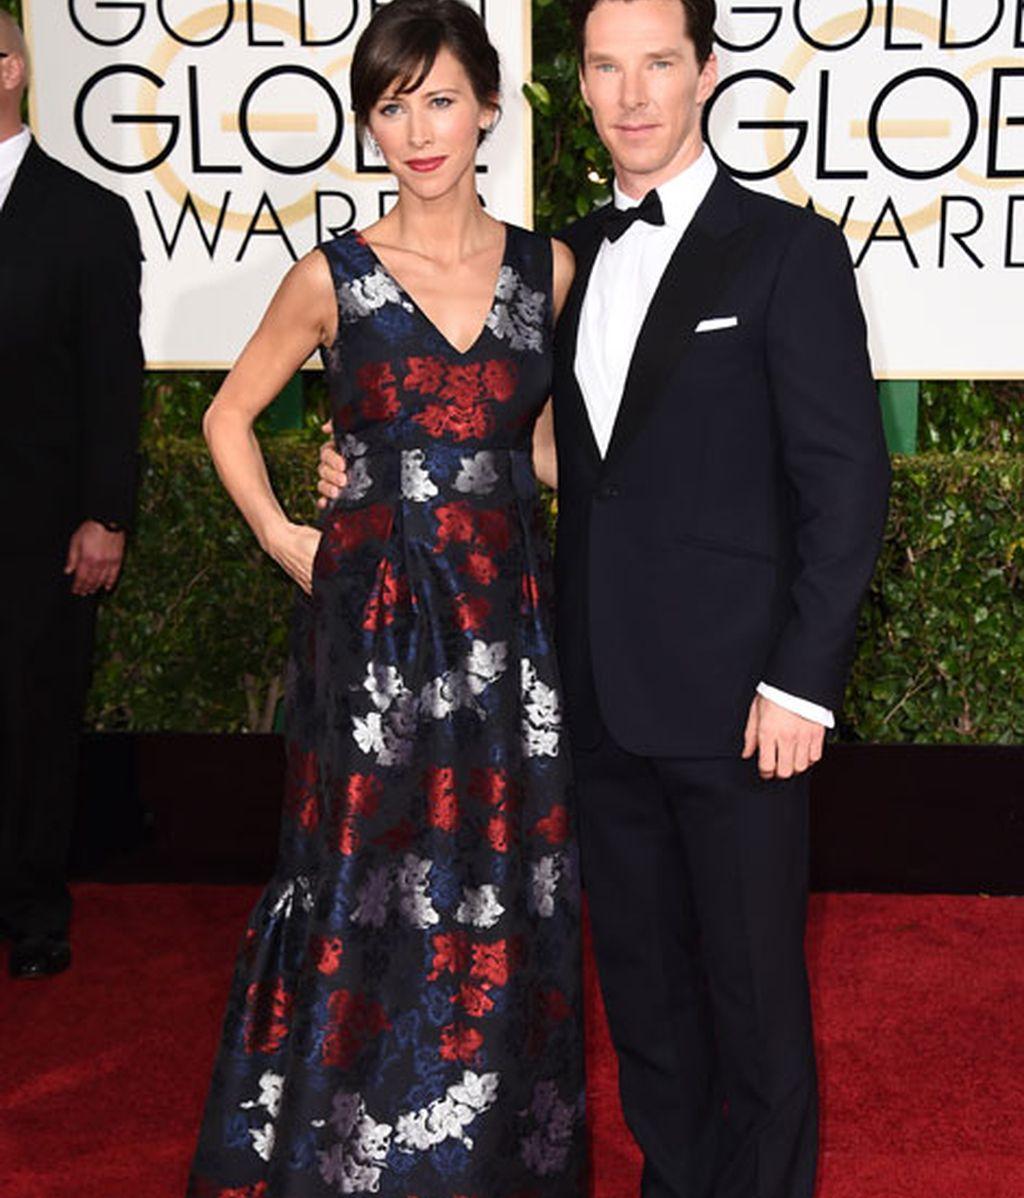 Sophie hunter y Benedict Cumberbatch en la alfombra roja de los Globos de Oro